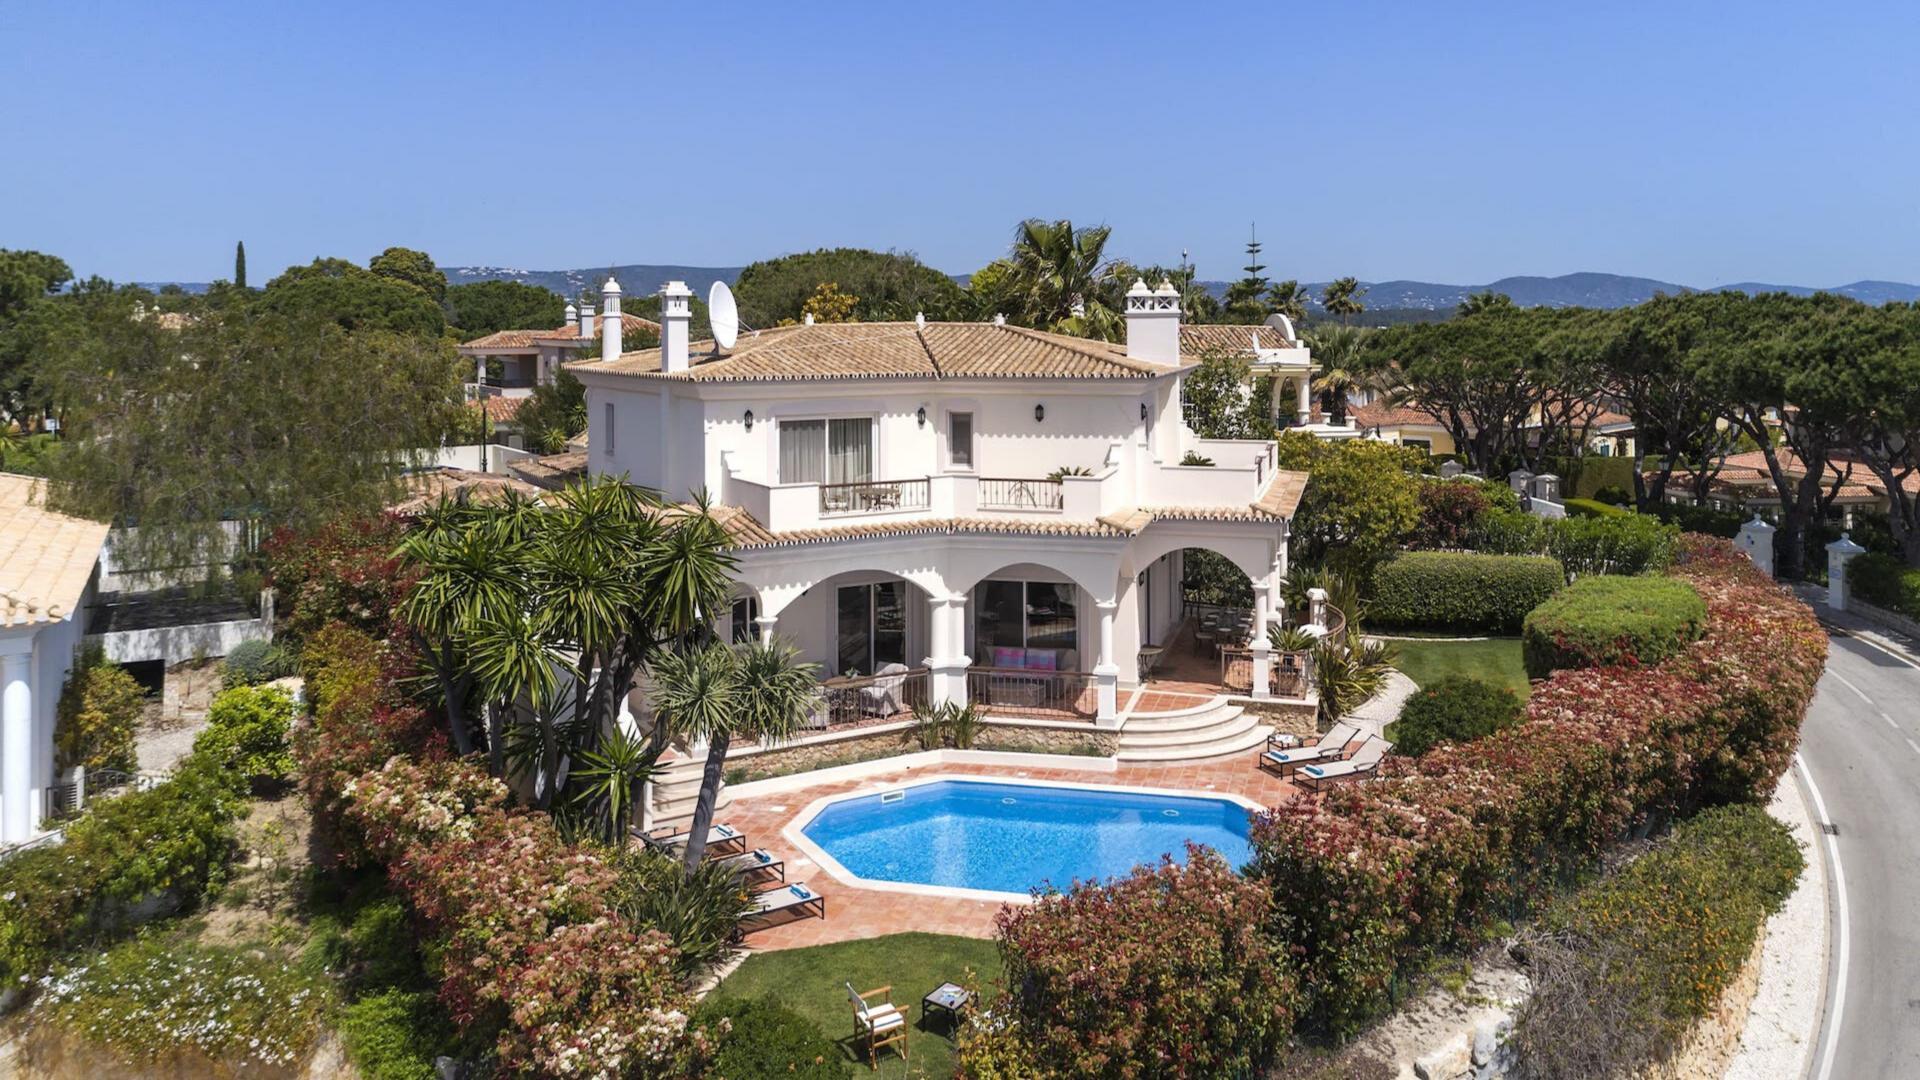 Villa Allegra - Pinheiros Altos, Quinta do Lago, Algarve - 2.png